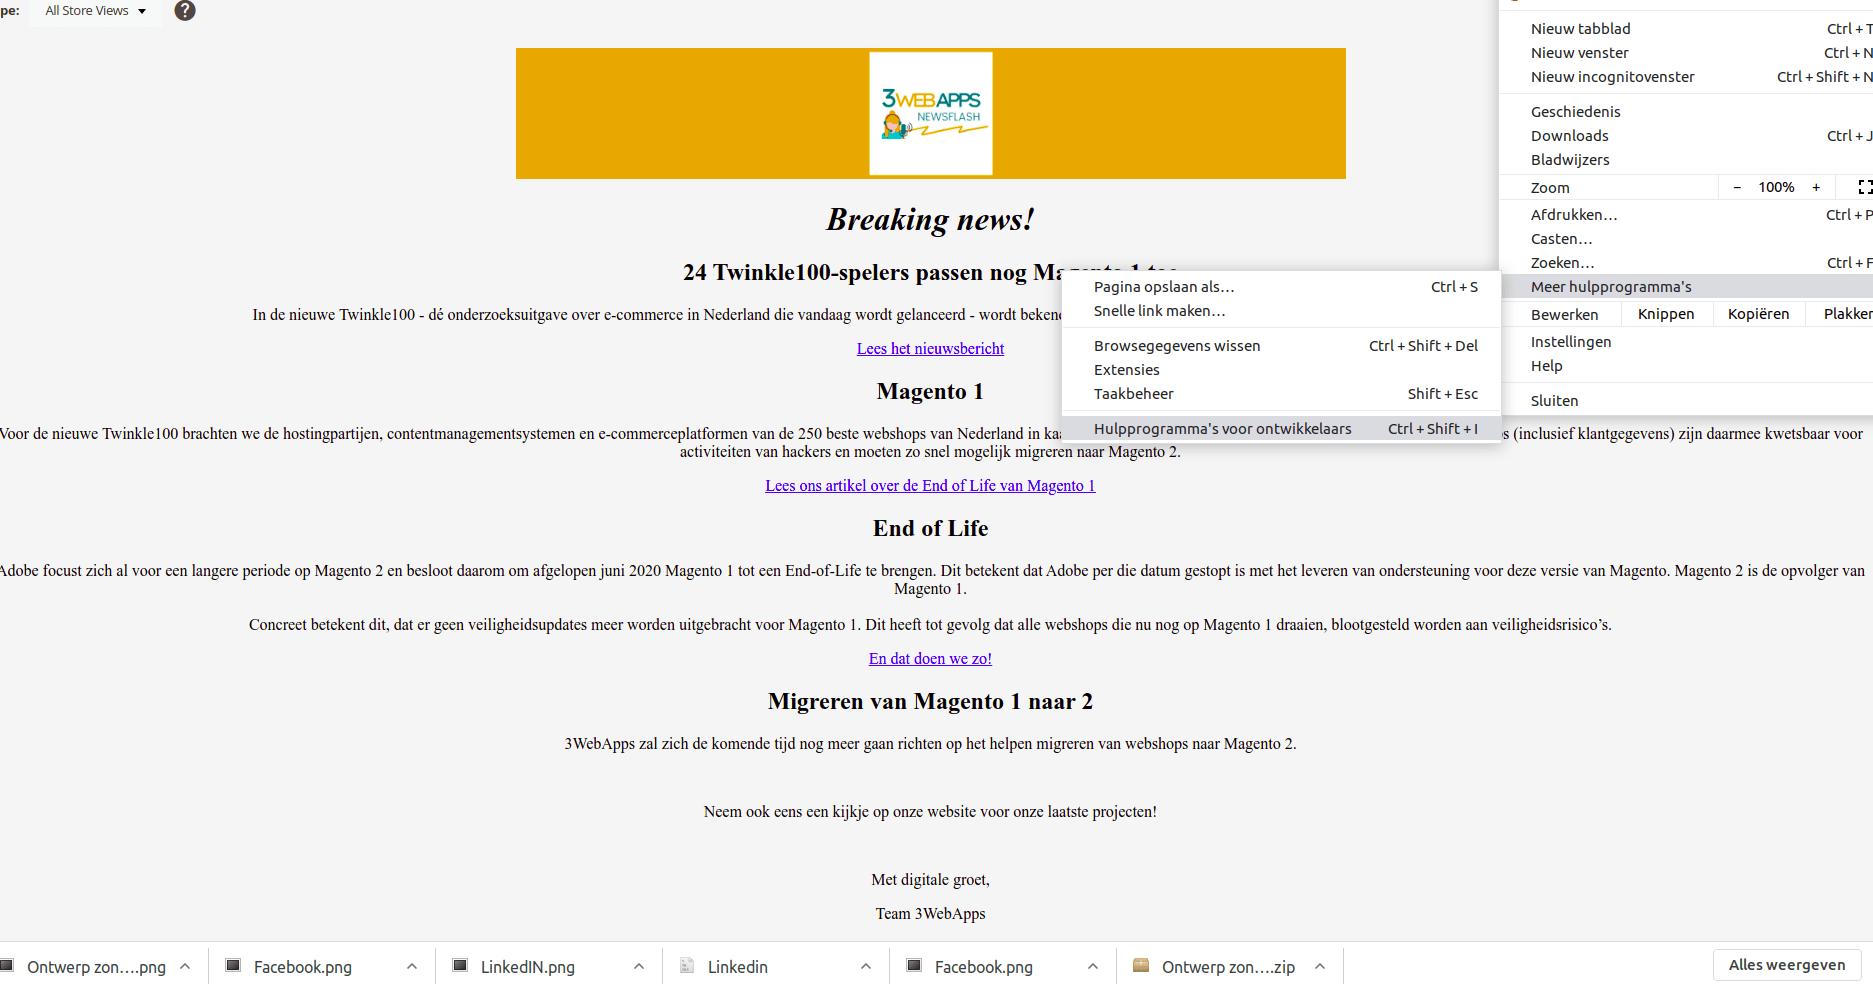 Magento 2 nieuwsbrief als mobiele en tabletversie zien